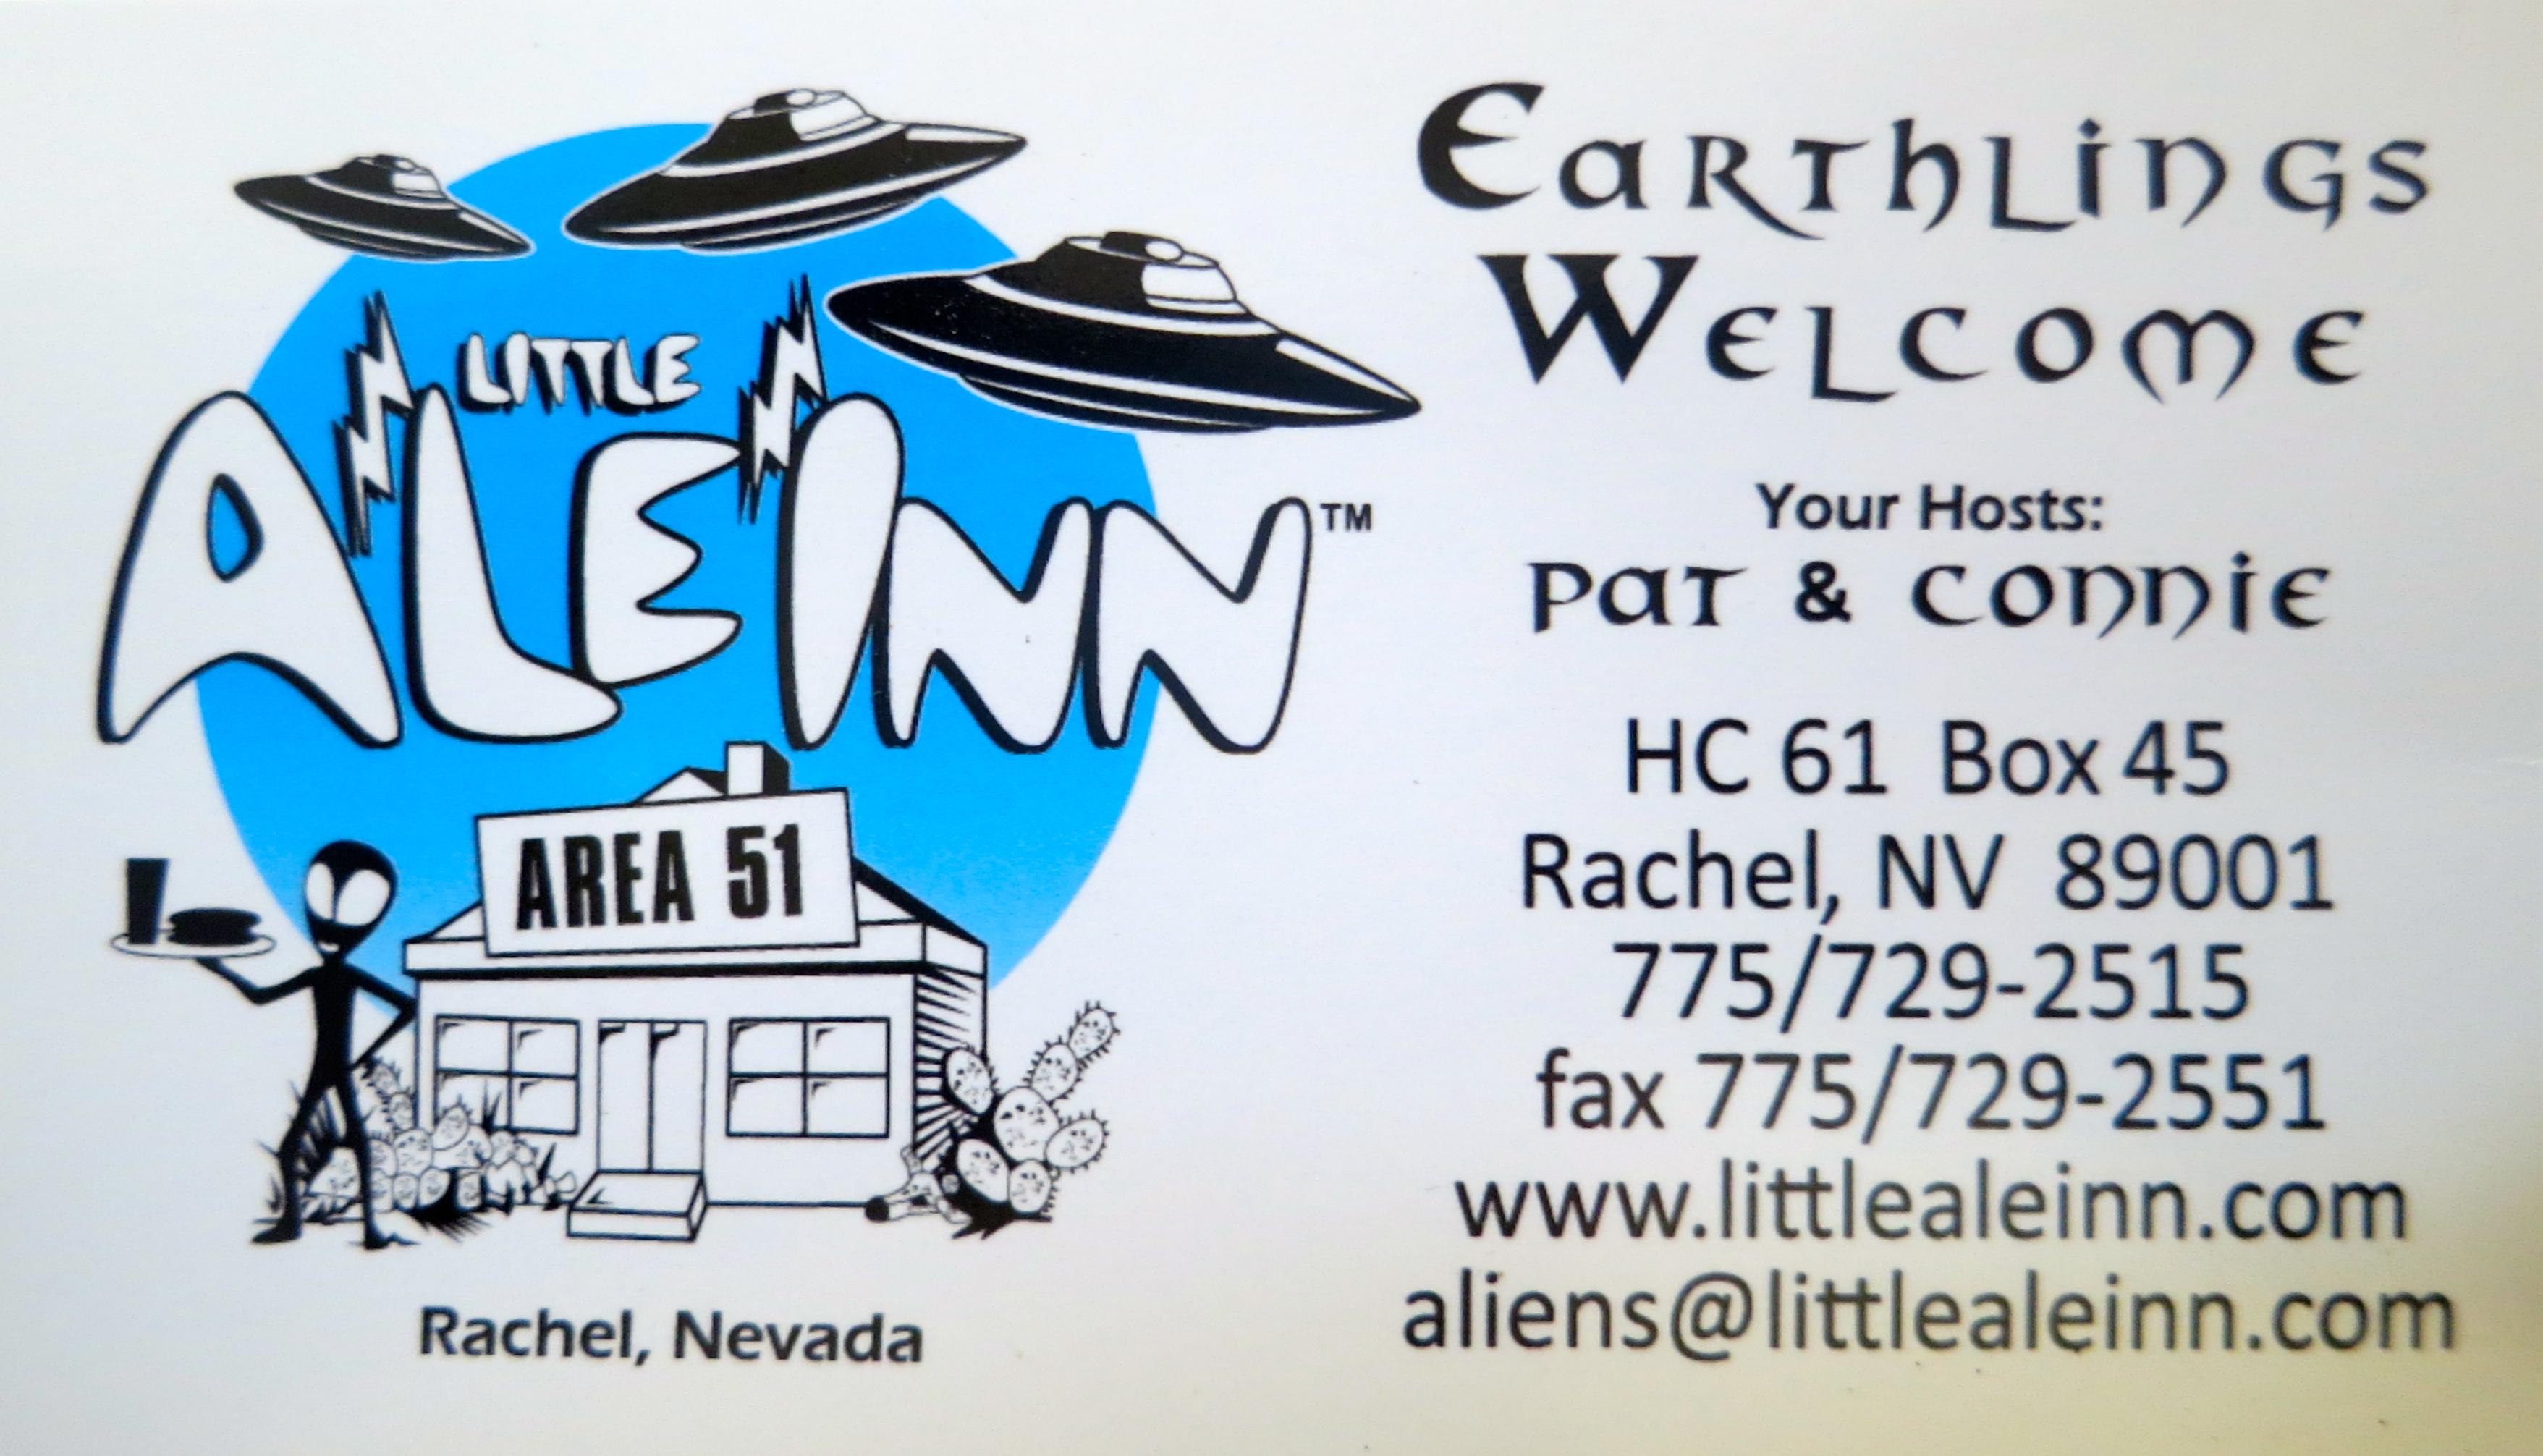 Business card for Little A'le'Inn in Rachel Nevada.